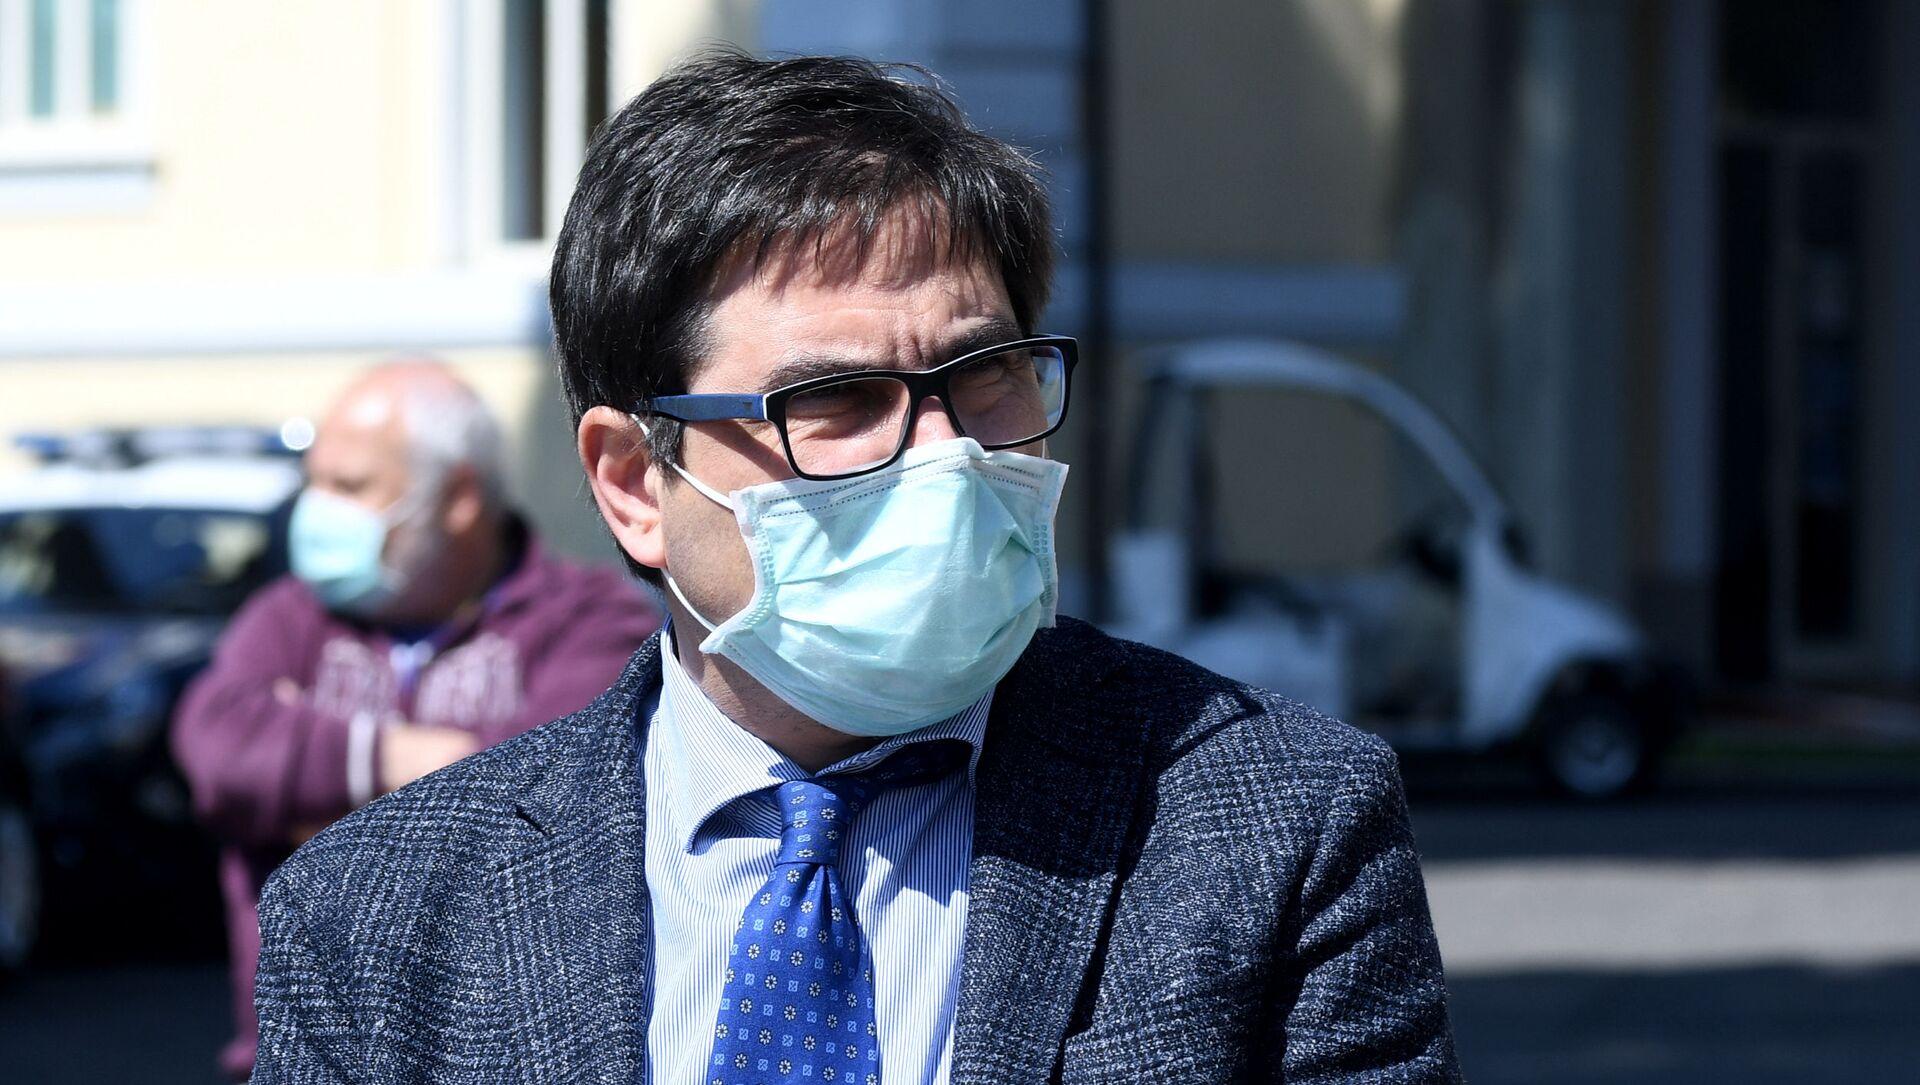 Nella foto l'assessore alla sanità della Regione Lazio Alessio D'Amato dopo la visita allo Spallanzani - Sputnik Italia, 1920, 05.03.2021